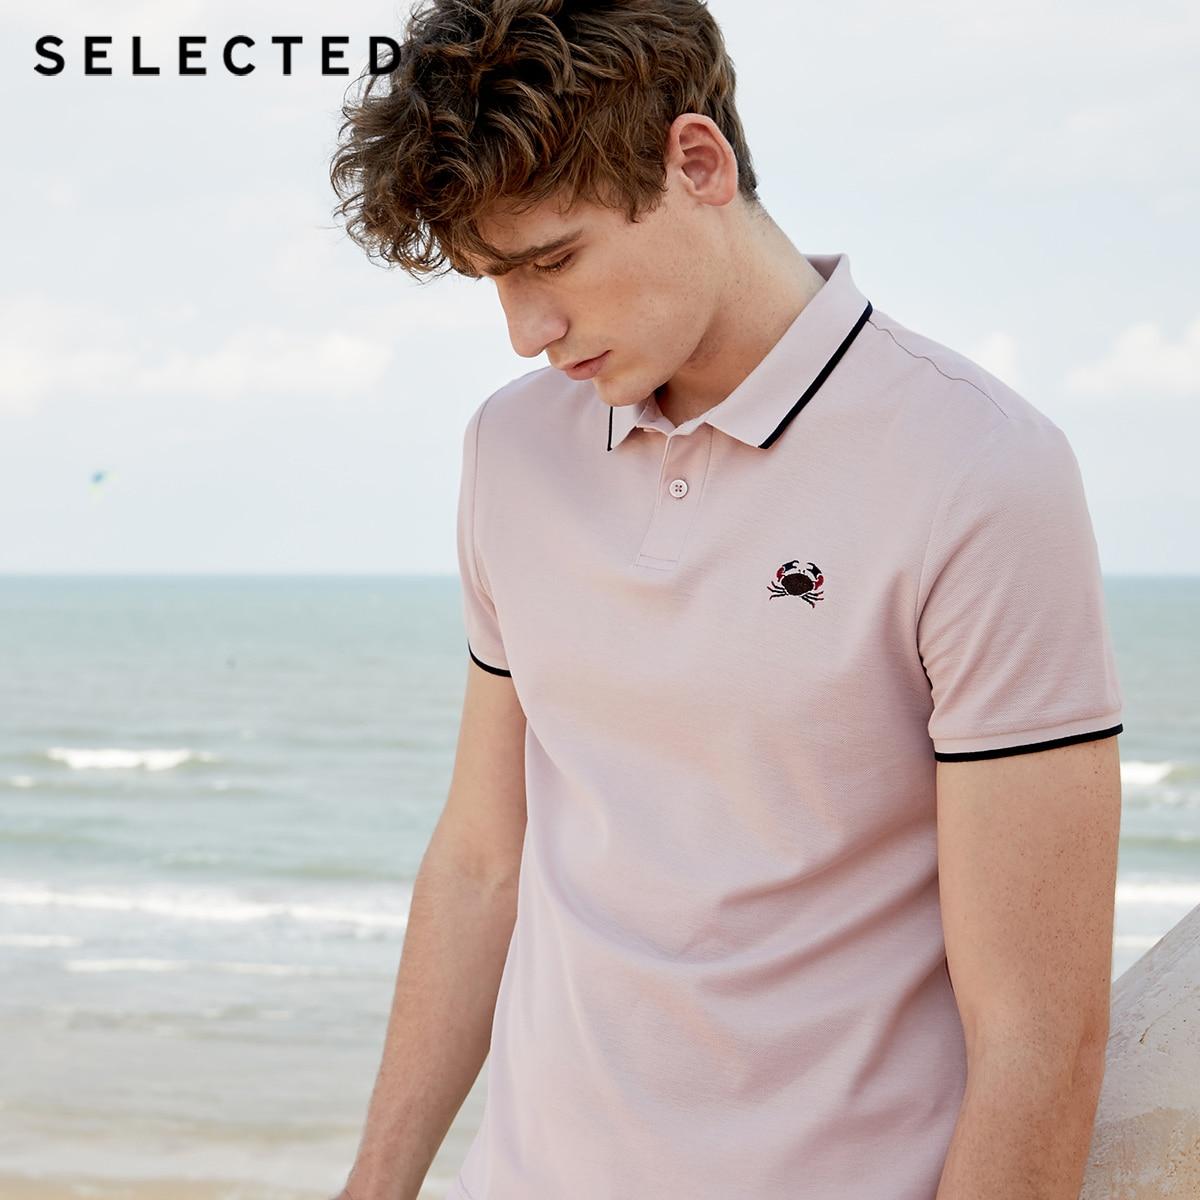 SELECTED Мужская летняя футболка-поло с короткими рукавами из 100% хлопка S